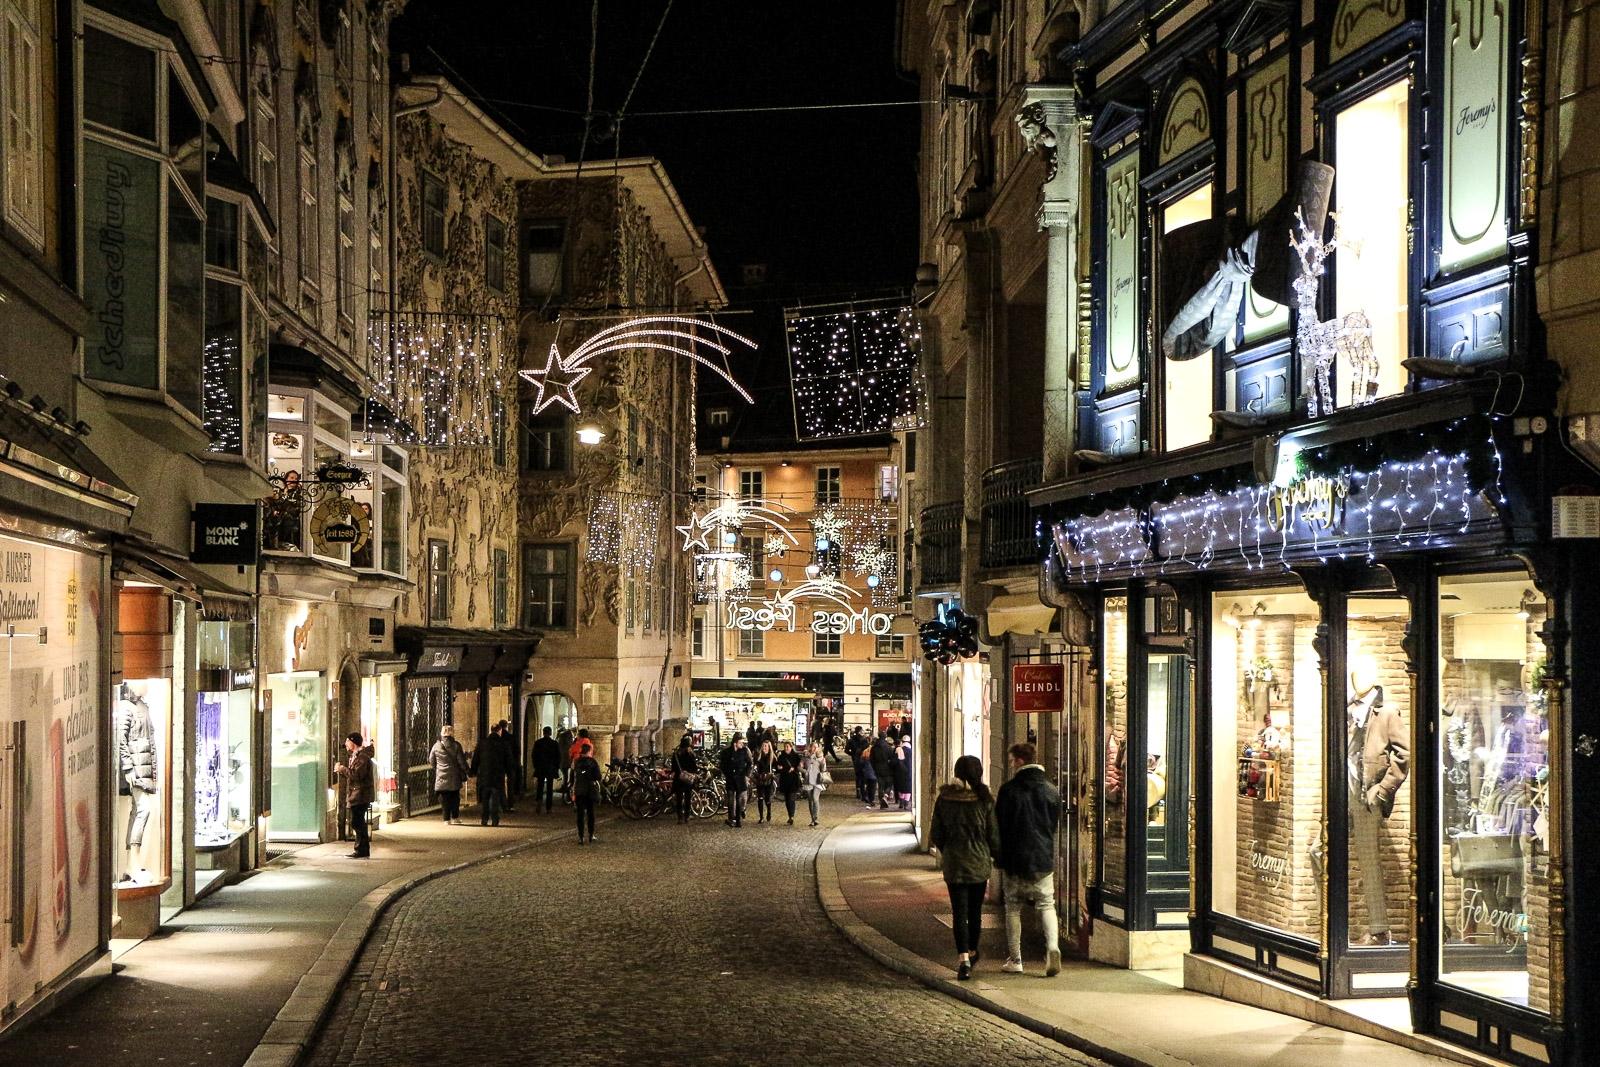 LIFESTYLE Adventszeit in Graz - Weihnachtsmärkte, Miss Classy, Lifestyle Blog Graz, classy, Christkindlmarkt, Weihnachtsmarkt, Graz, Glühwein, Punsch, Advent in Graz, Sporgasse